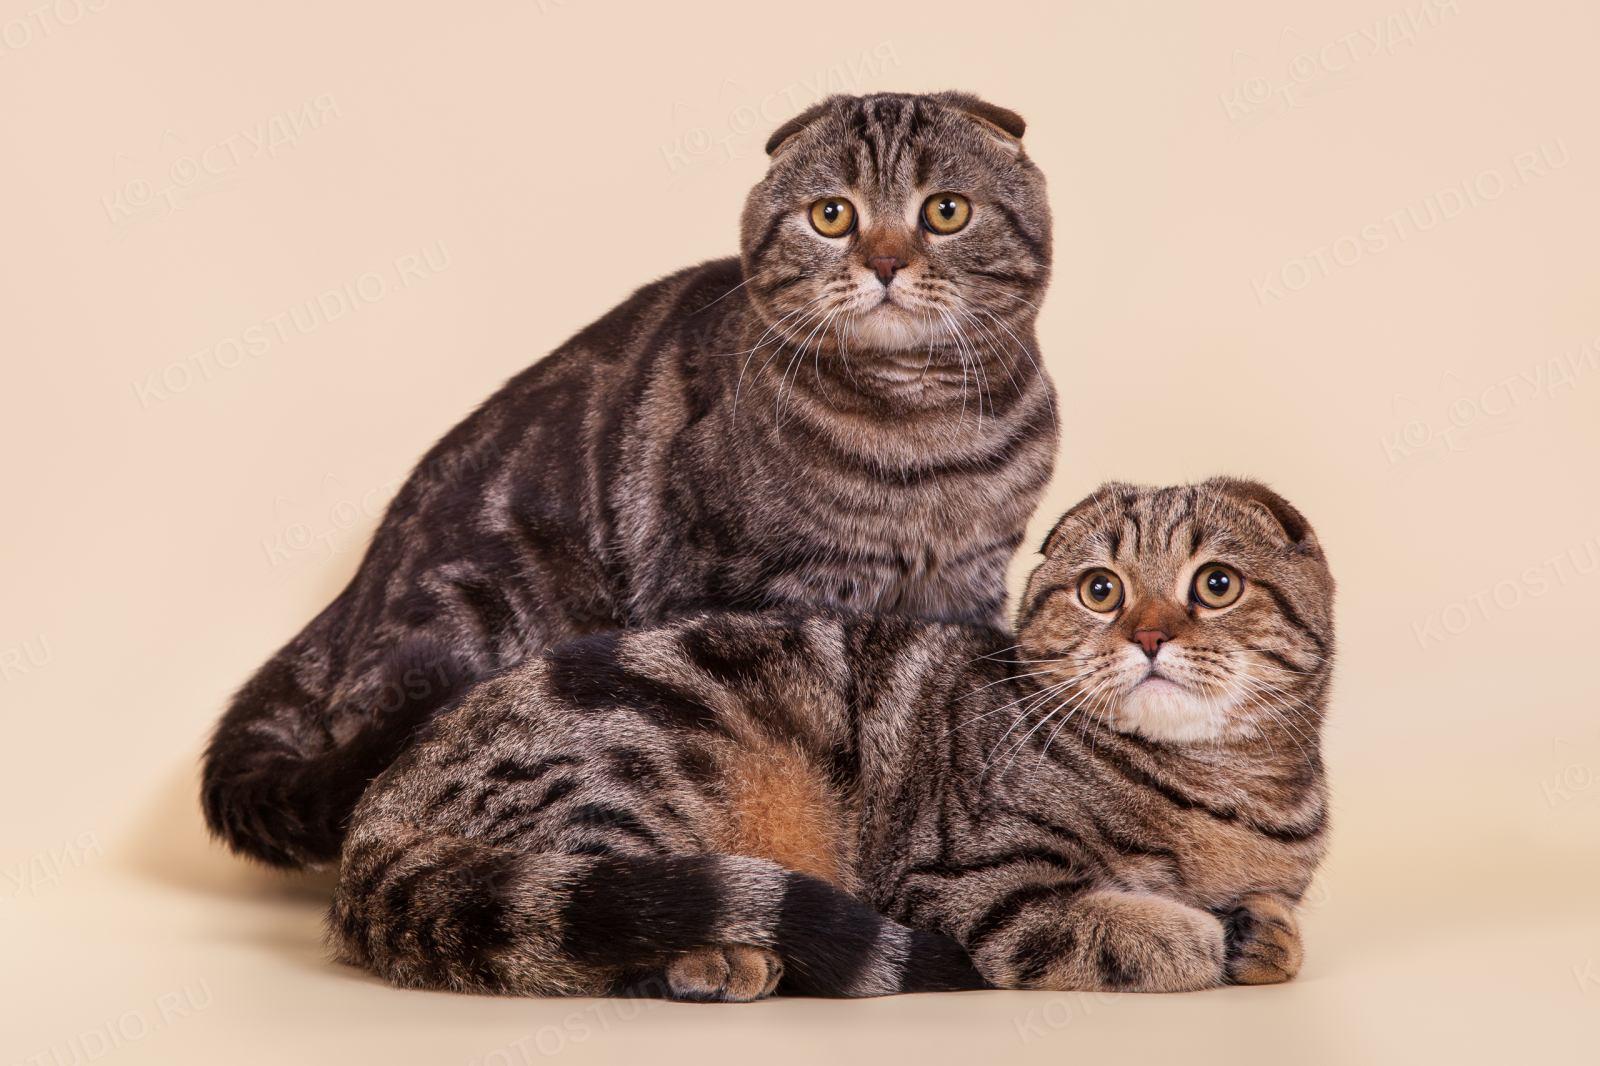 можно окрасы шотландских кошек картинки и название программе ежегодного творческого